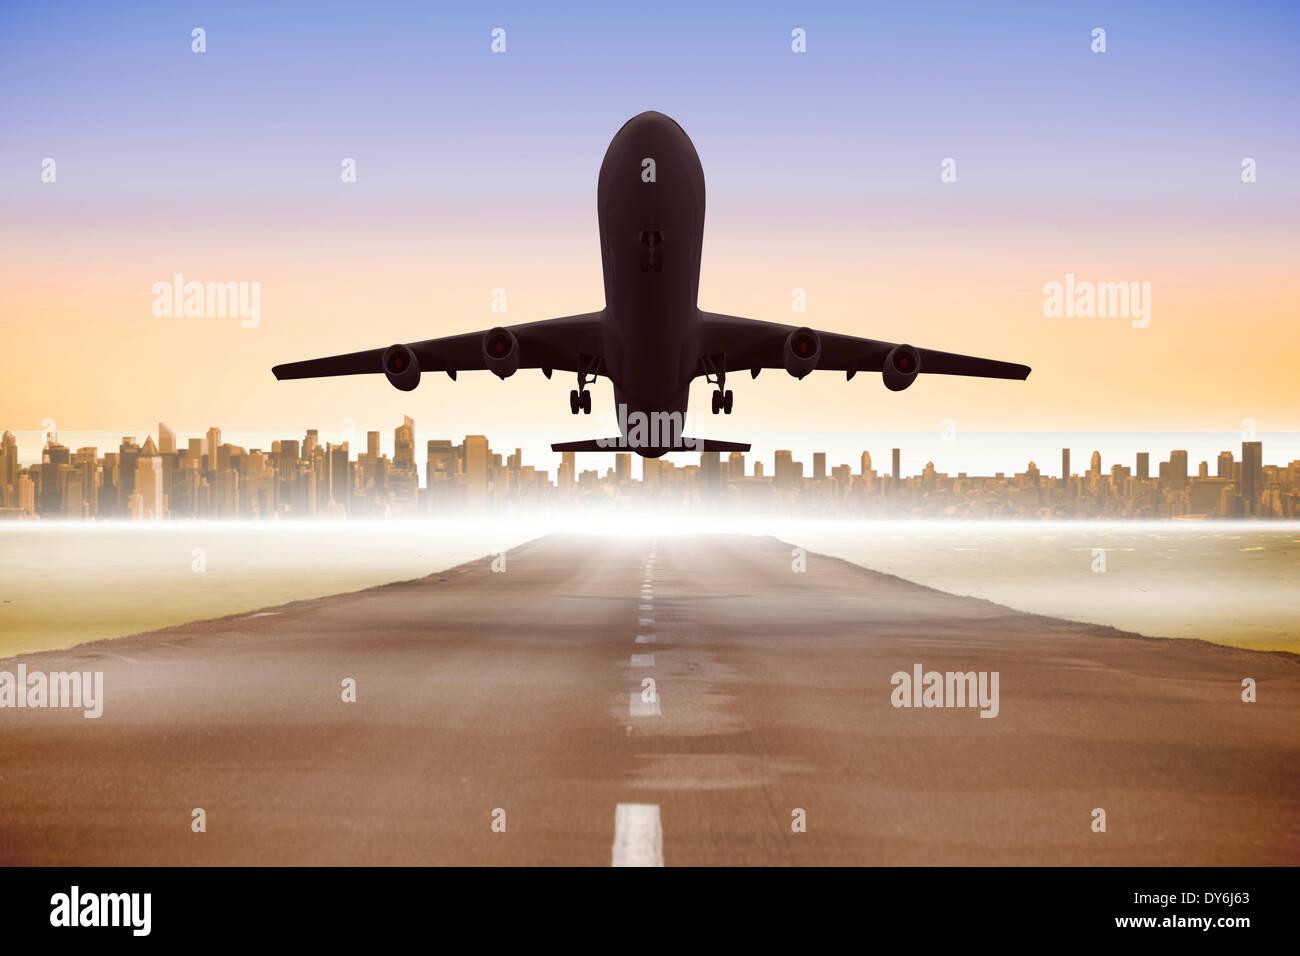 Immagine composita di un grafico in aereo Immagini Stock